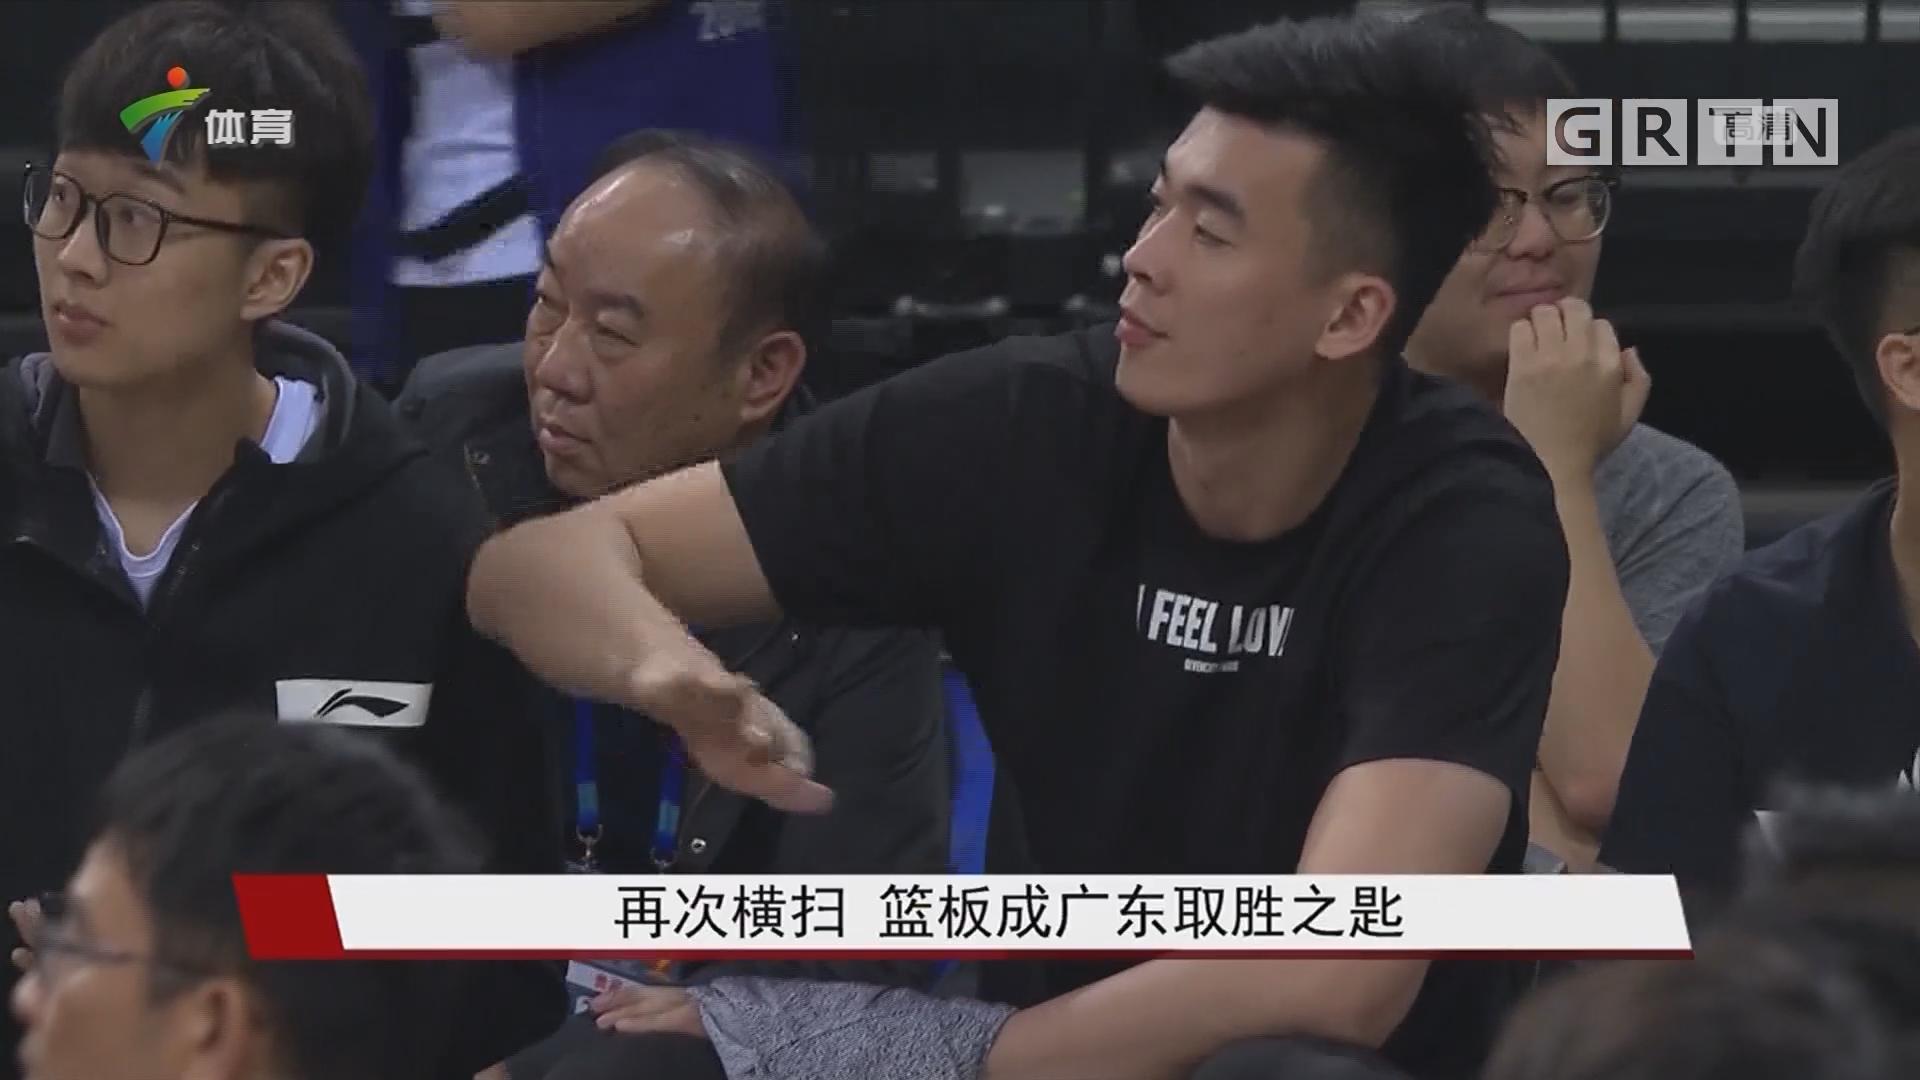 再次横扫 篮板成广东取胜之匙